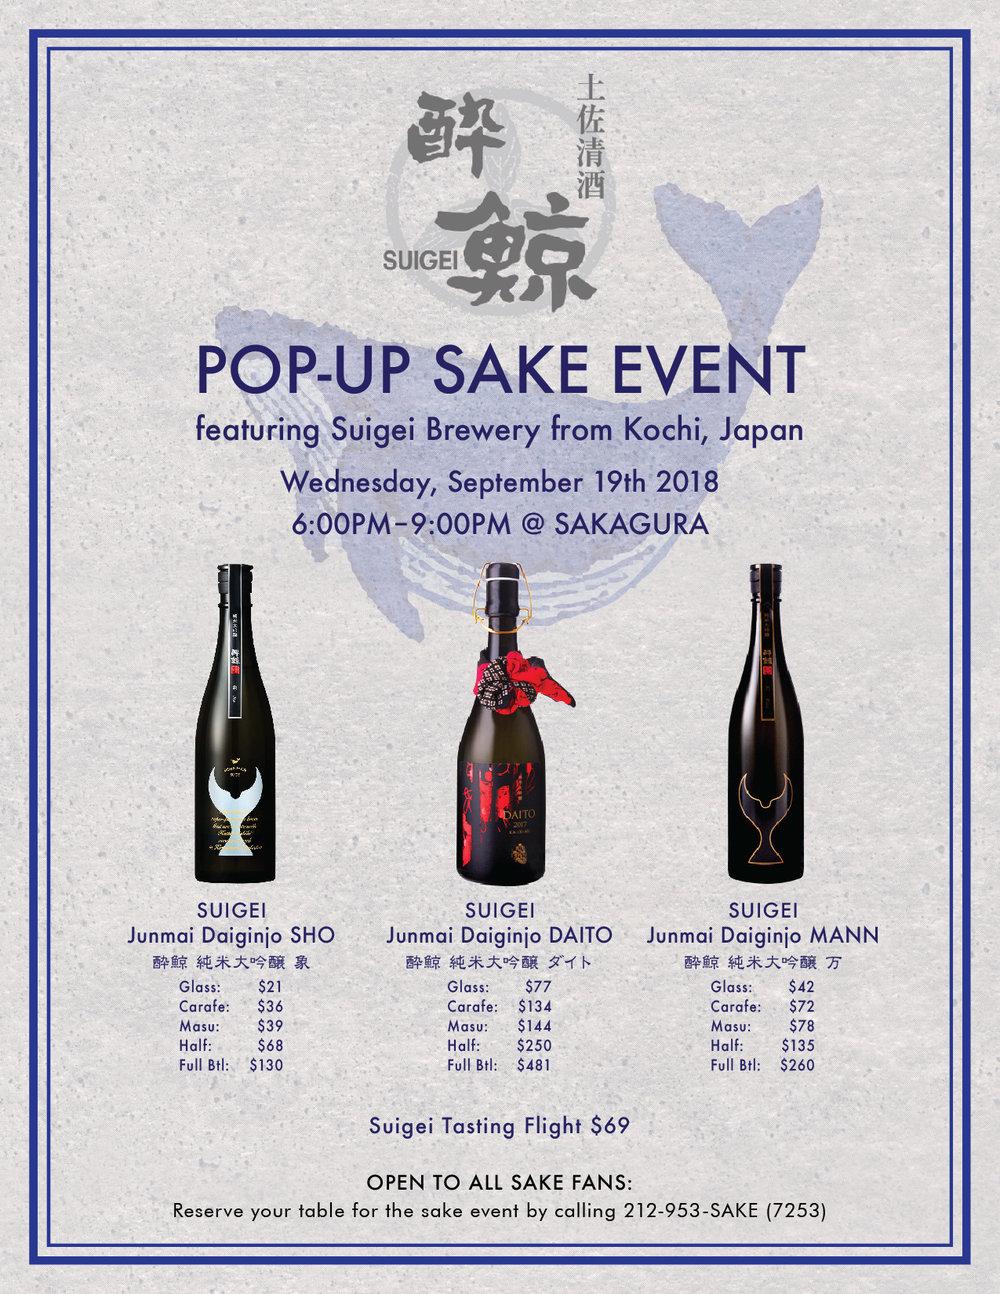 Suigei Pop-Up Sake Event